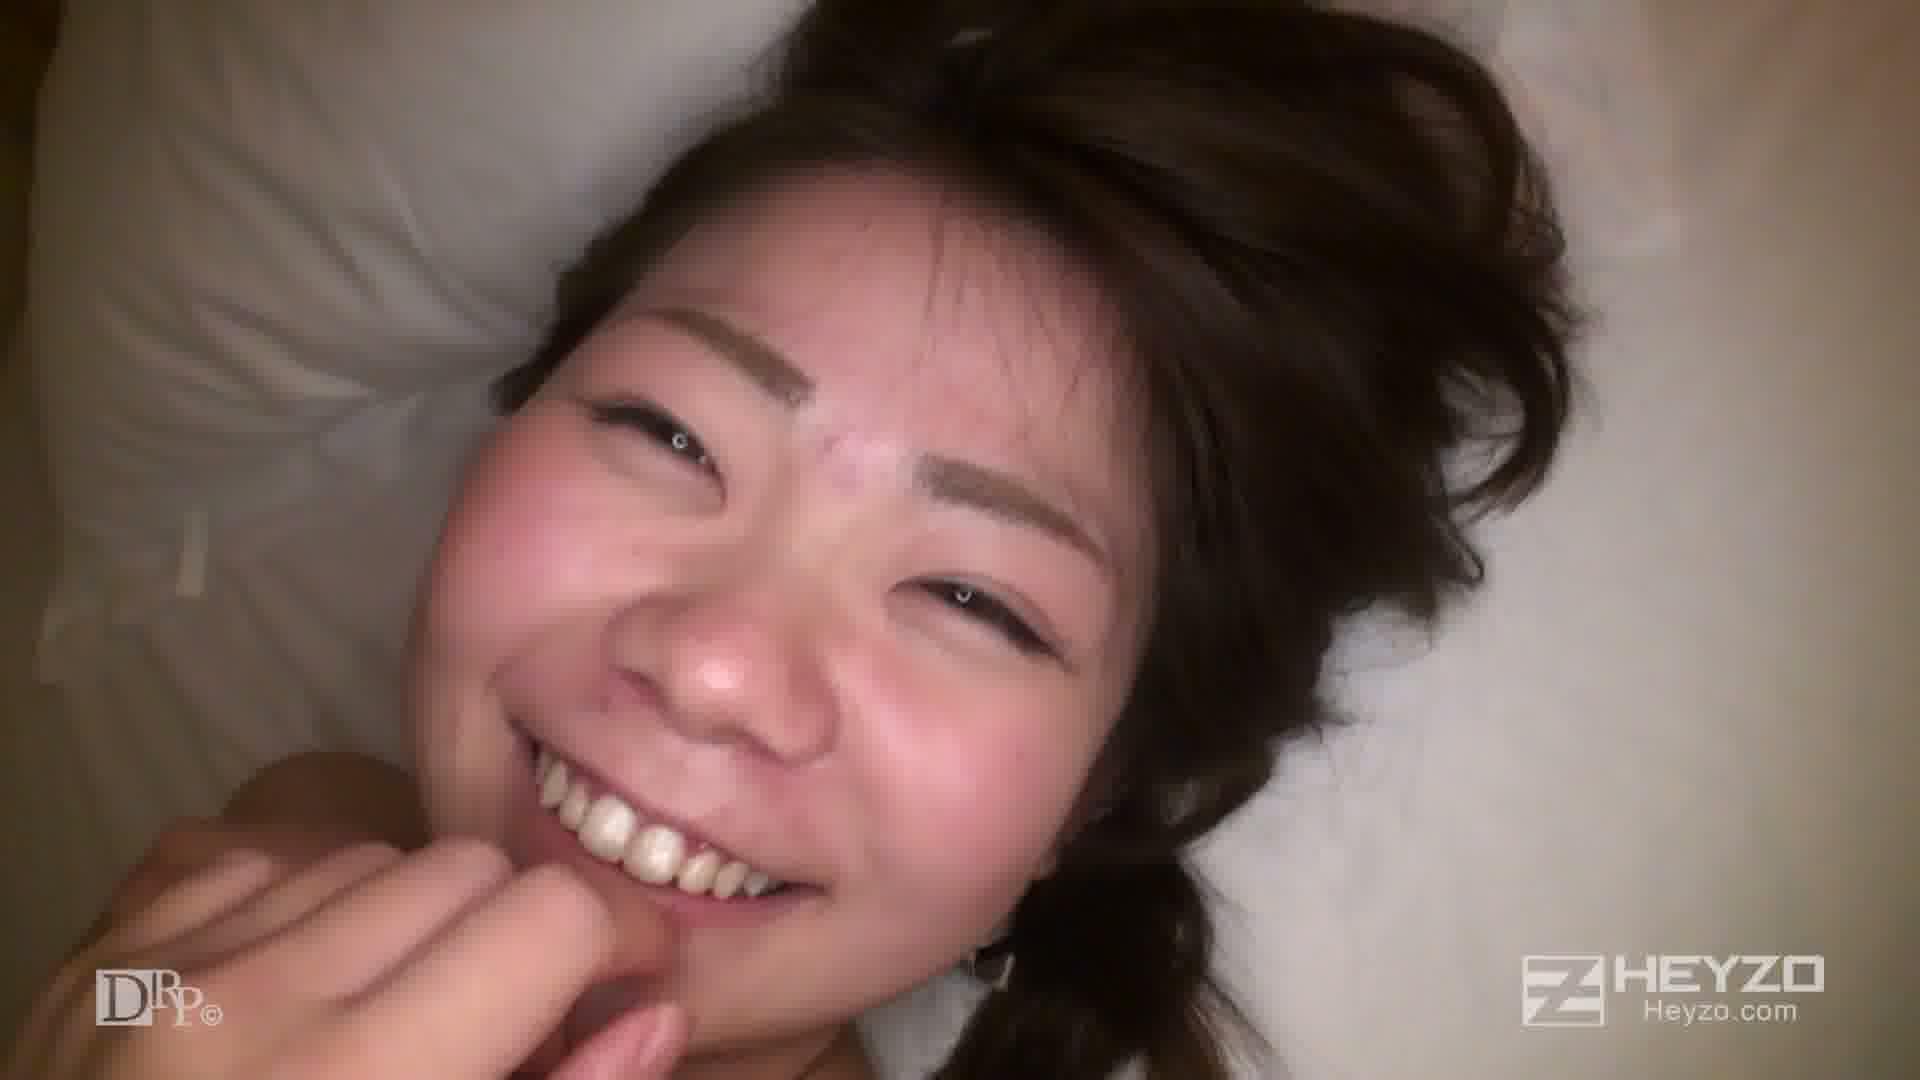 オトナのオモチャのモニターお願いします! - 平田くるみ【電マ おもちゃ 光るバイブ 】